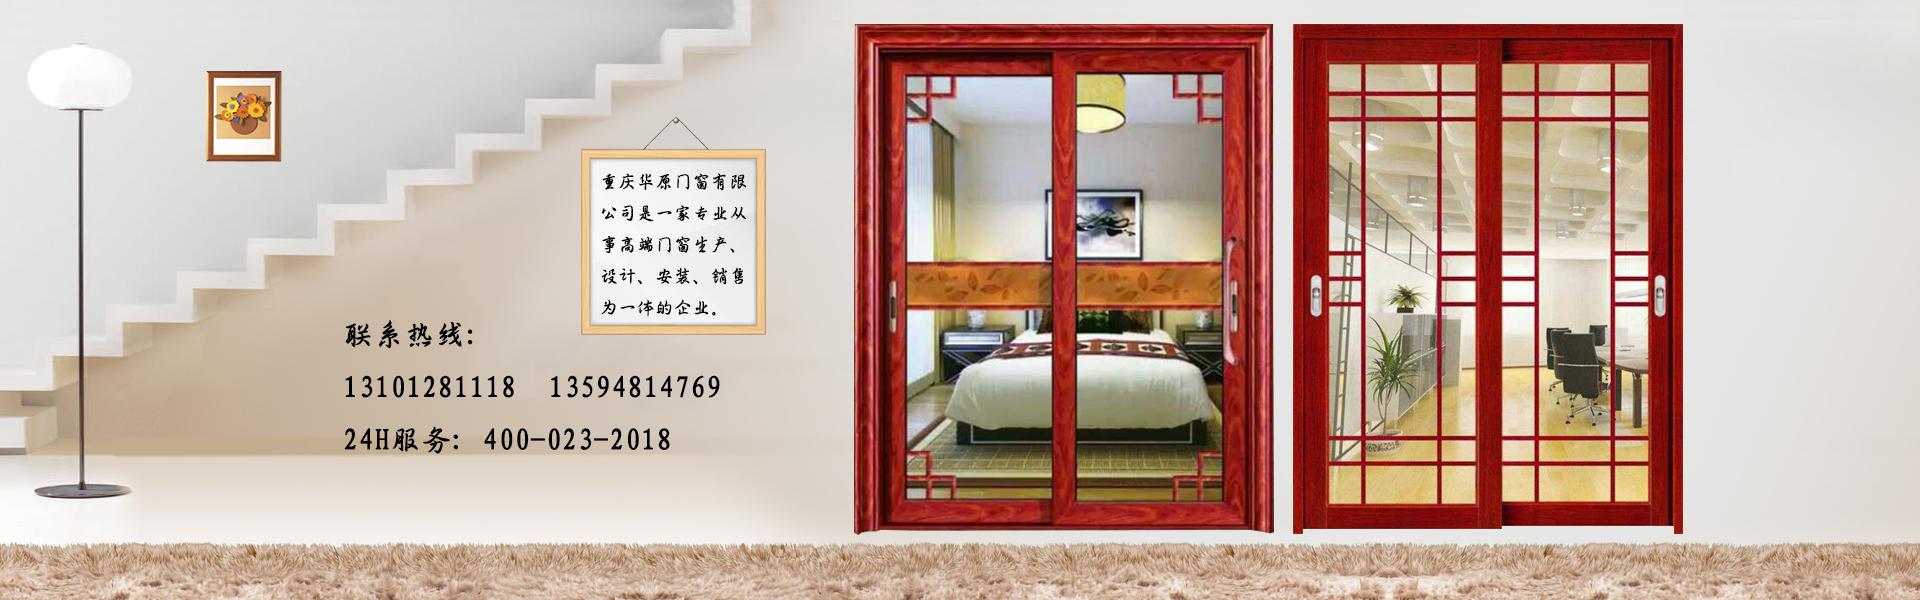 97超级碰碰免费公开是一家专业从事高端门窗生产、设计、安装、销售为一体的企业。